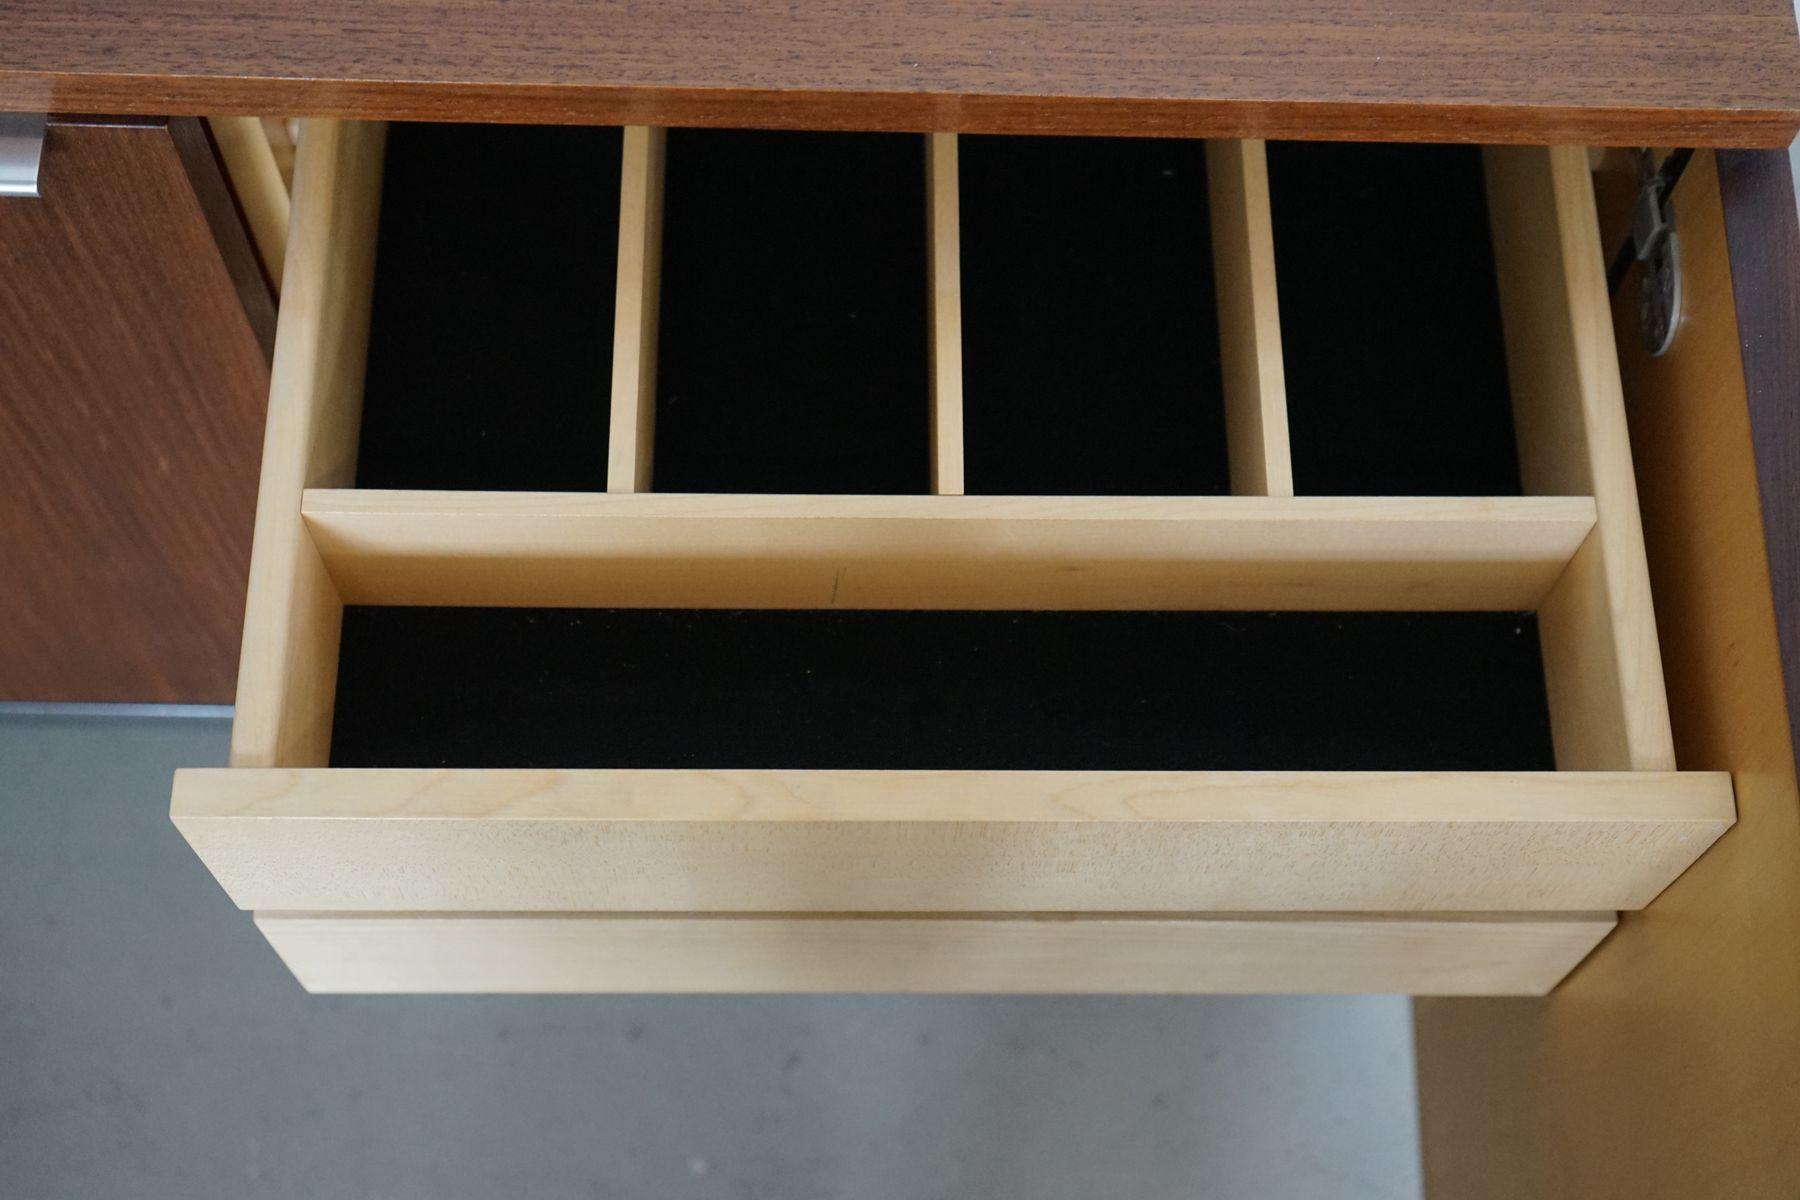 Credenza Per Ufficio : Moderni mobili per ufficio in legno raccolta credenza